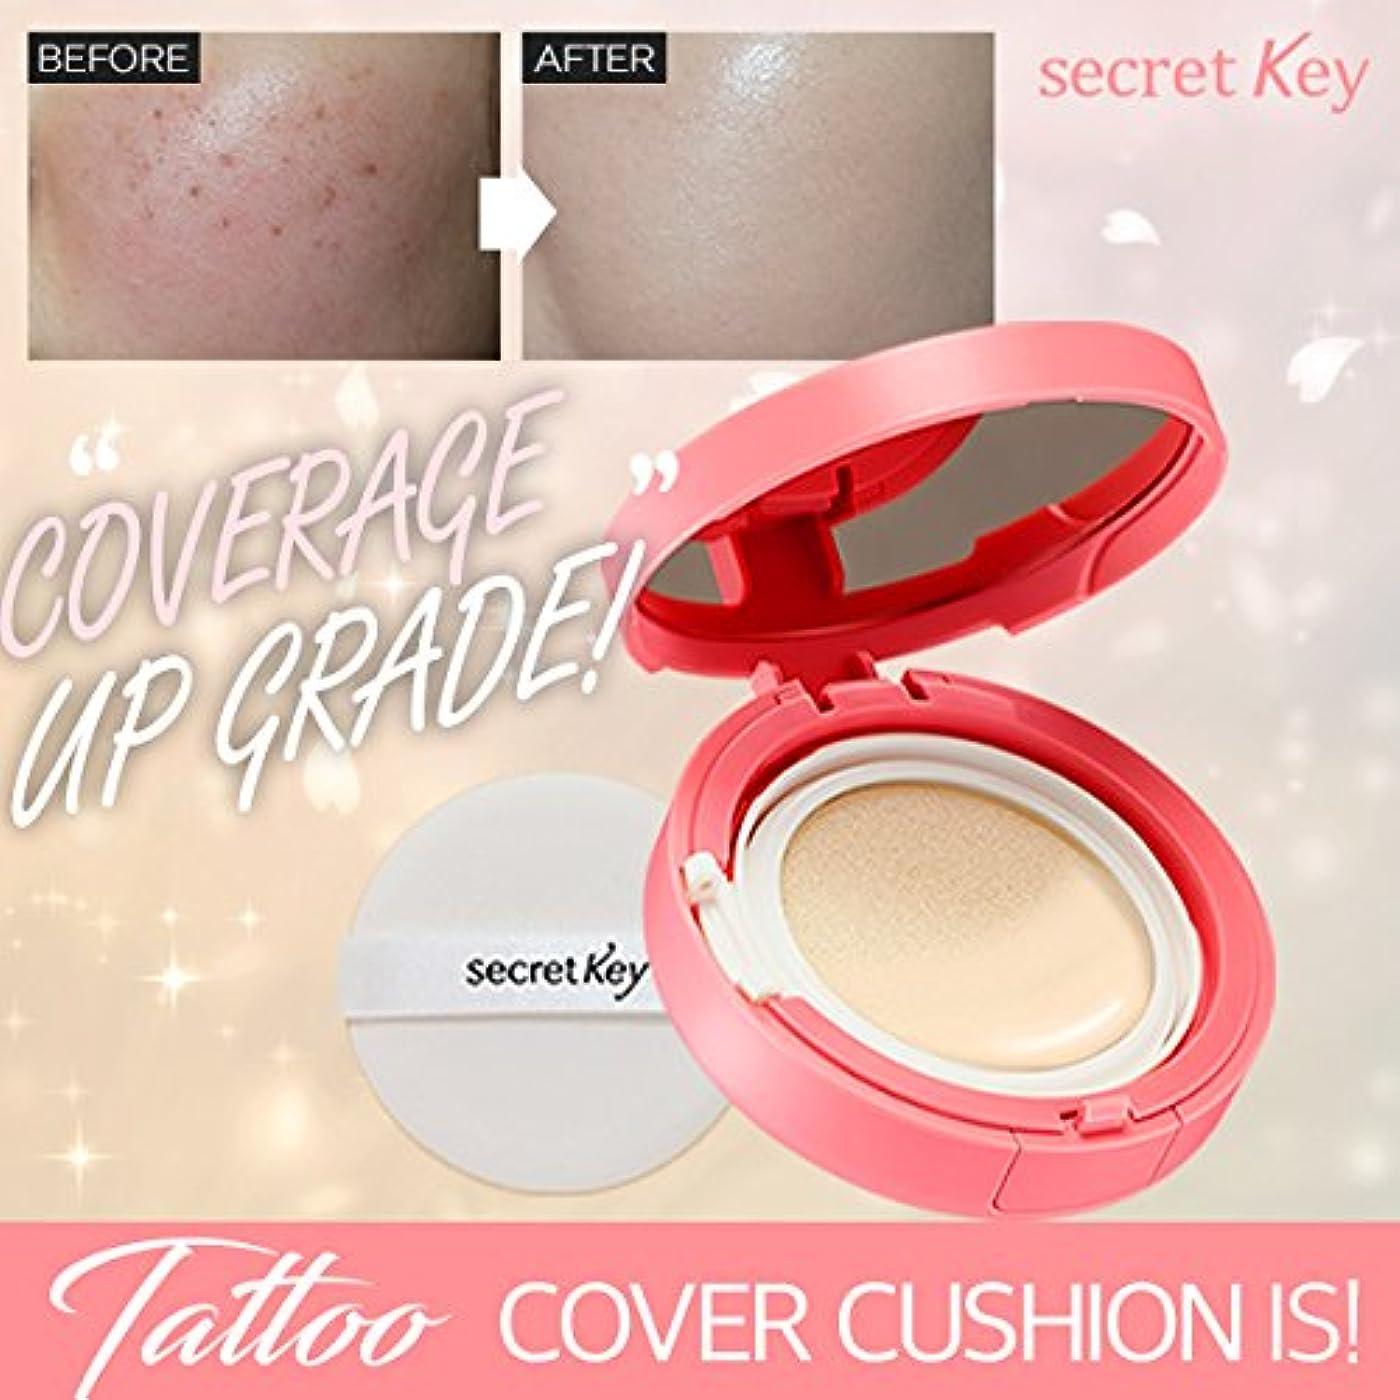 画面ひらめき威信Secretkey シークレットキー タトゥーカバークッション14g ピンクエディション 期間限定 Tattoo Cover Cushion Pink Edition 海外直送品 (ナチュラルベージュ23号)